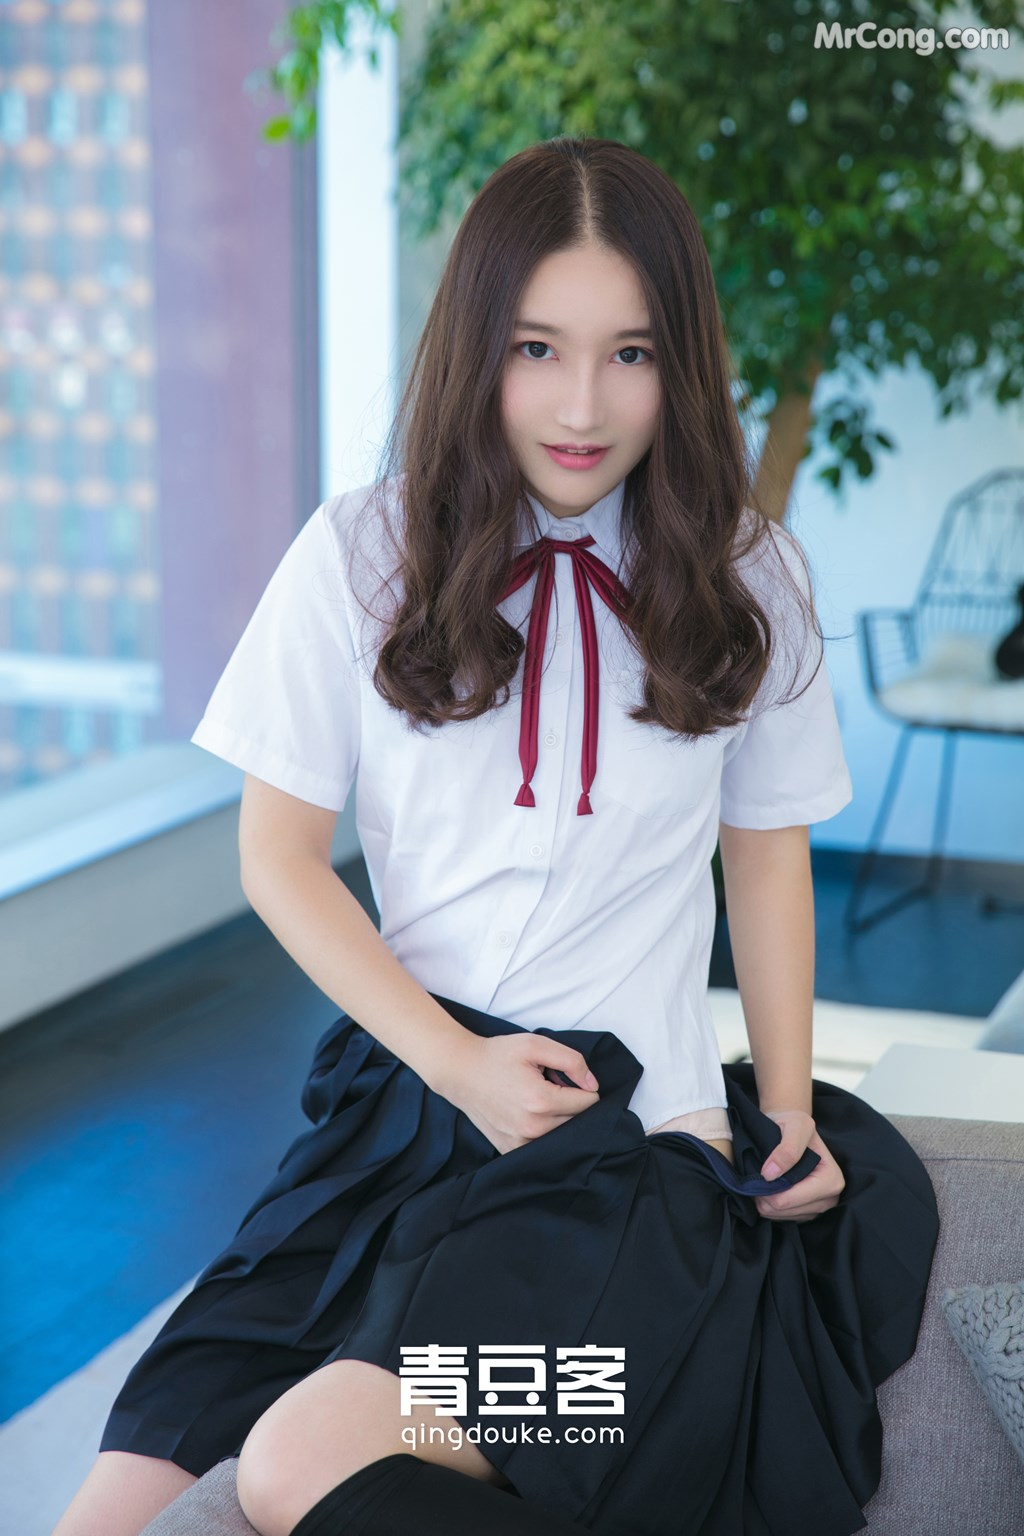 Image QingDouKe-2017-11-26-Wei-Niu-Niu-MrCong.com-007 in post QingDouKe 2017-11-26: Người mẫu Wei Niu Niu (魏扭扭) (51 ảnh)